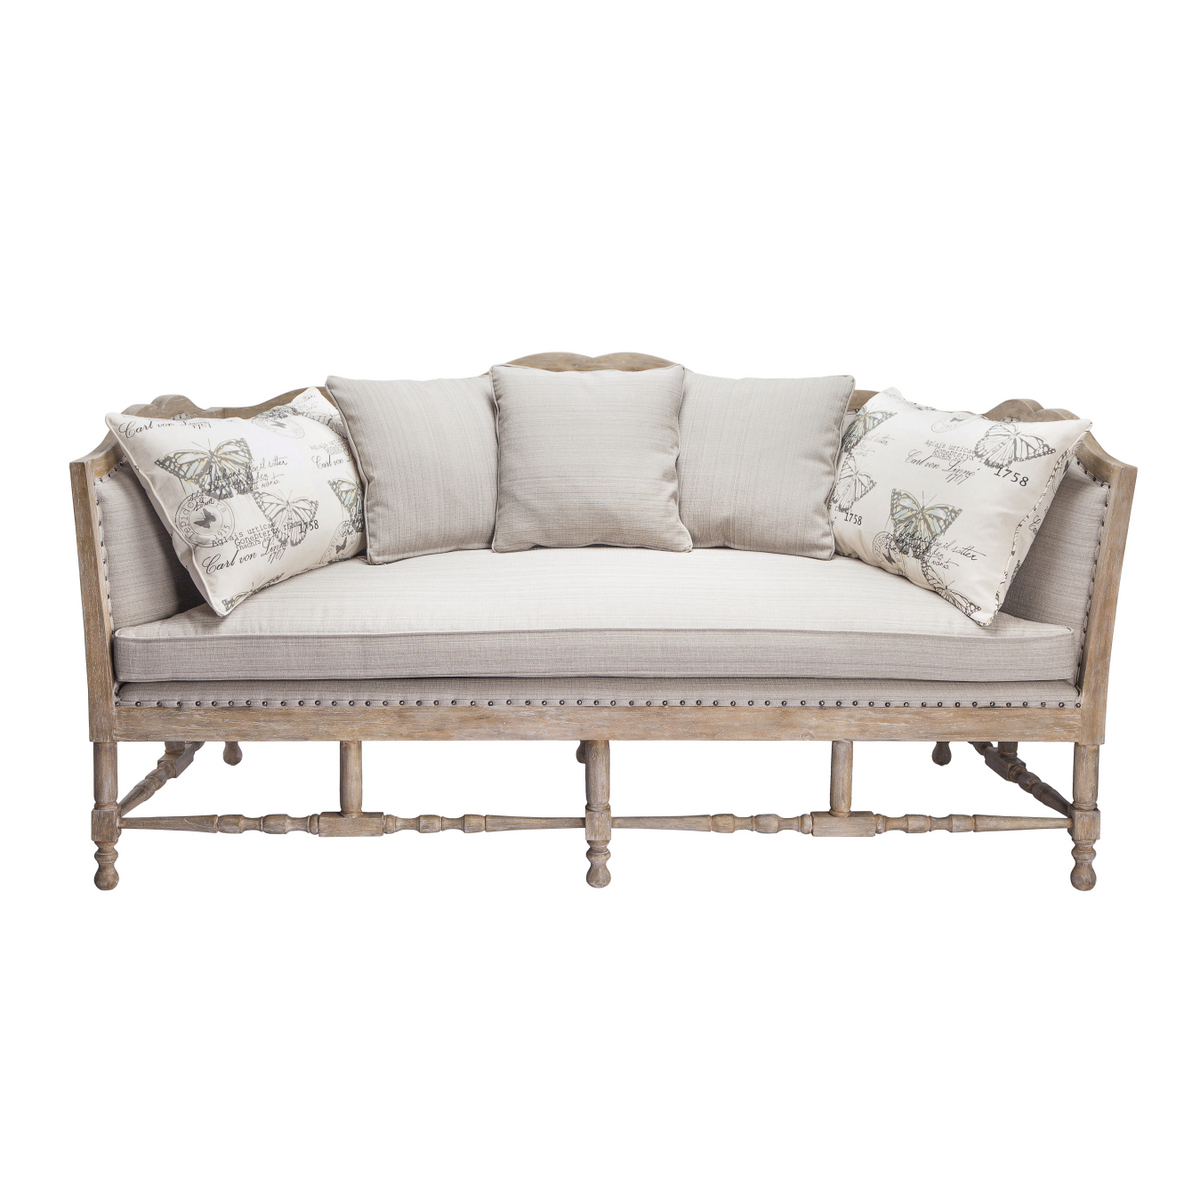 pomona sofa ivory luxe slipcover lady scott jones thesofa